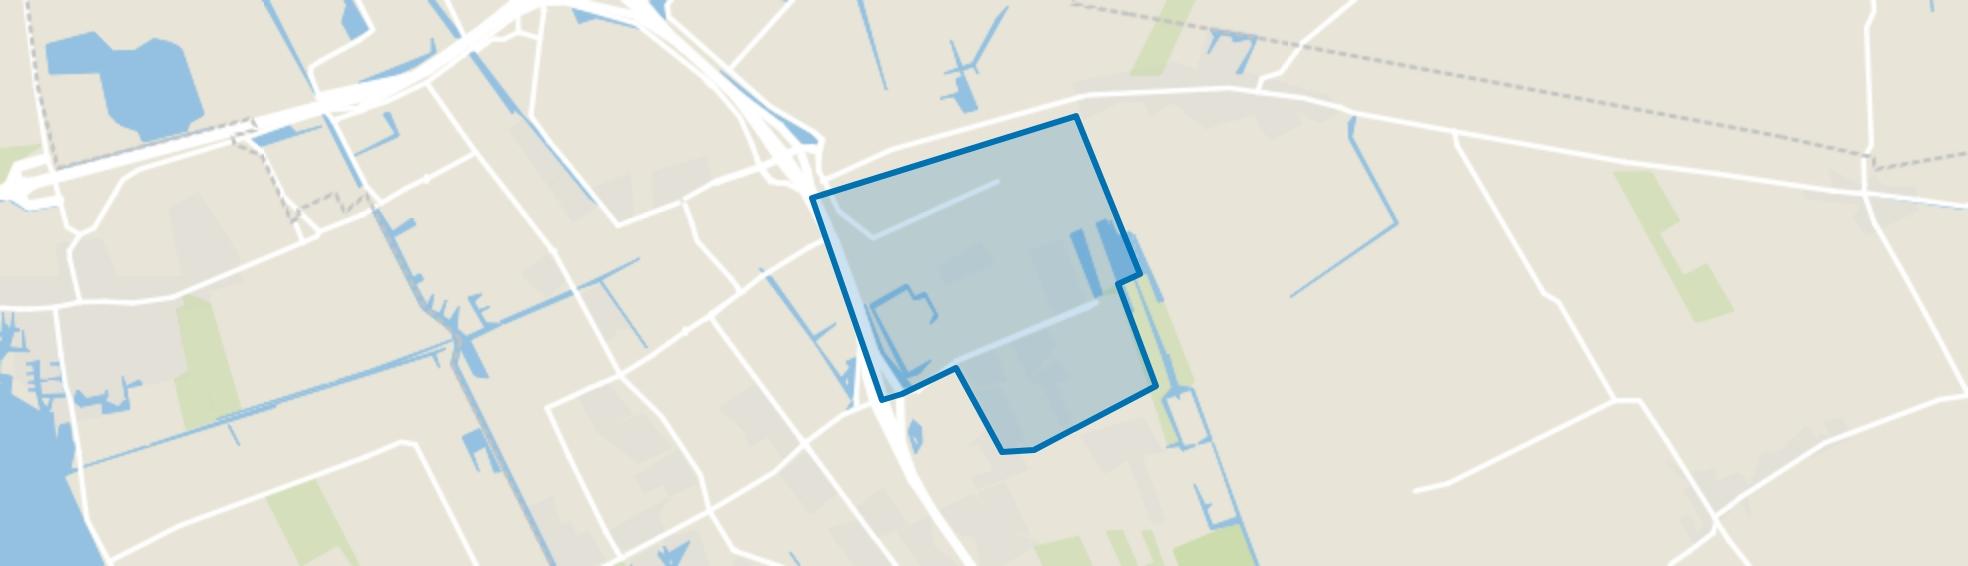 Skoatterwald, Heerenveen map